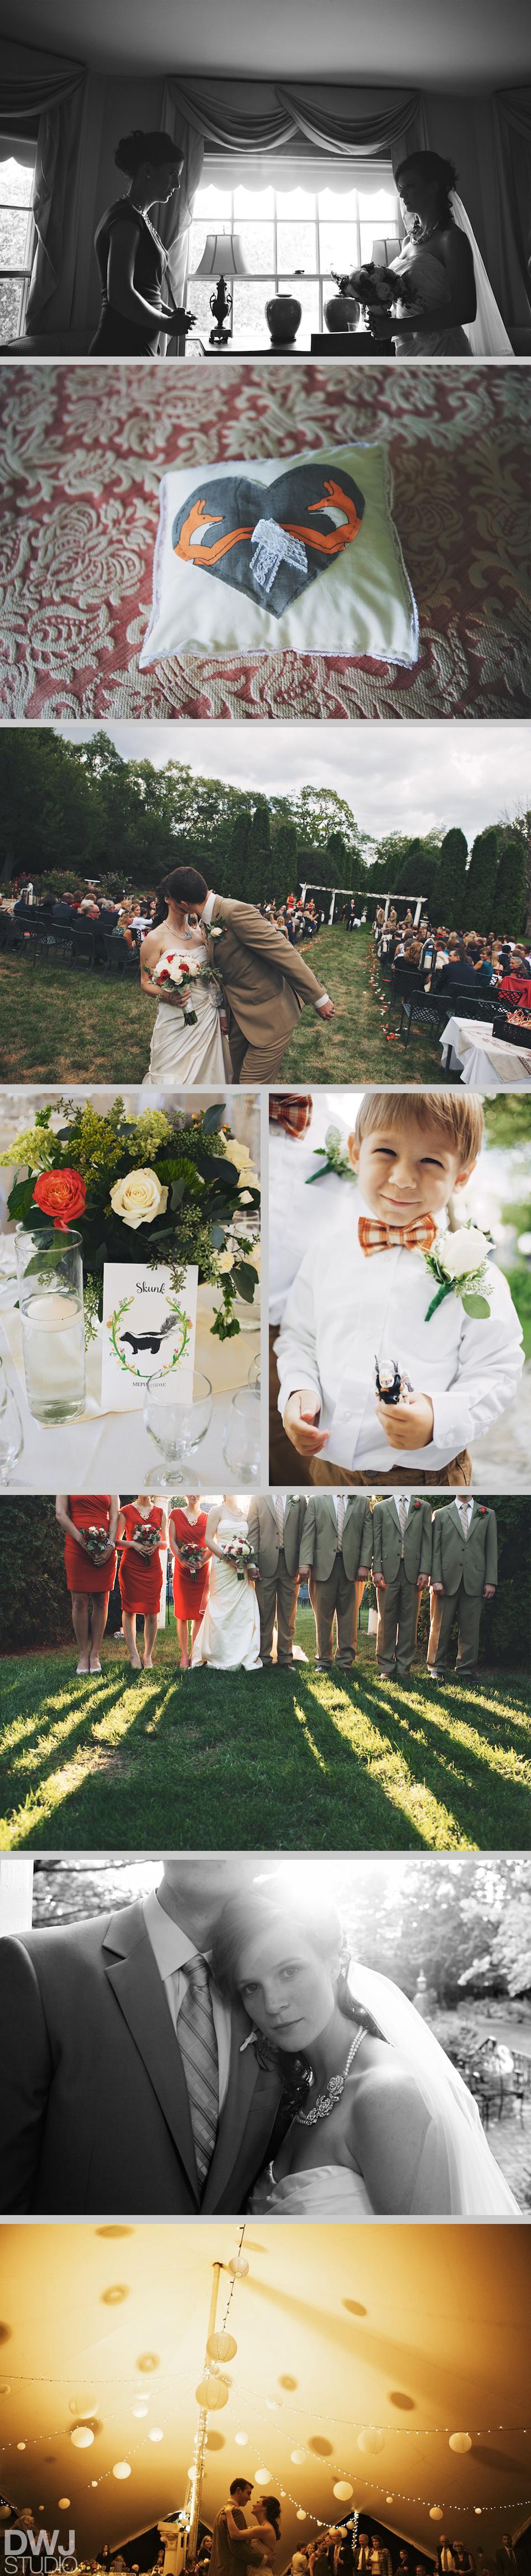 Fantastic Mr. Fox Wedding » Chicago Wedding Photography Blog   DWJ Studio